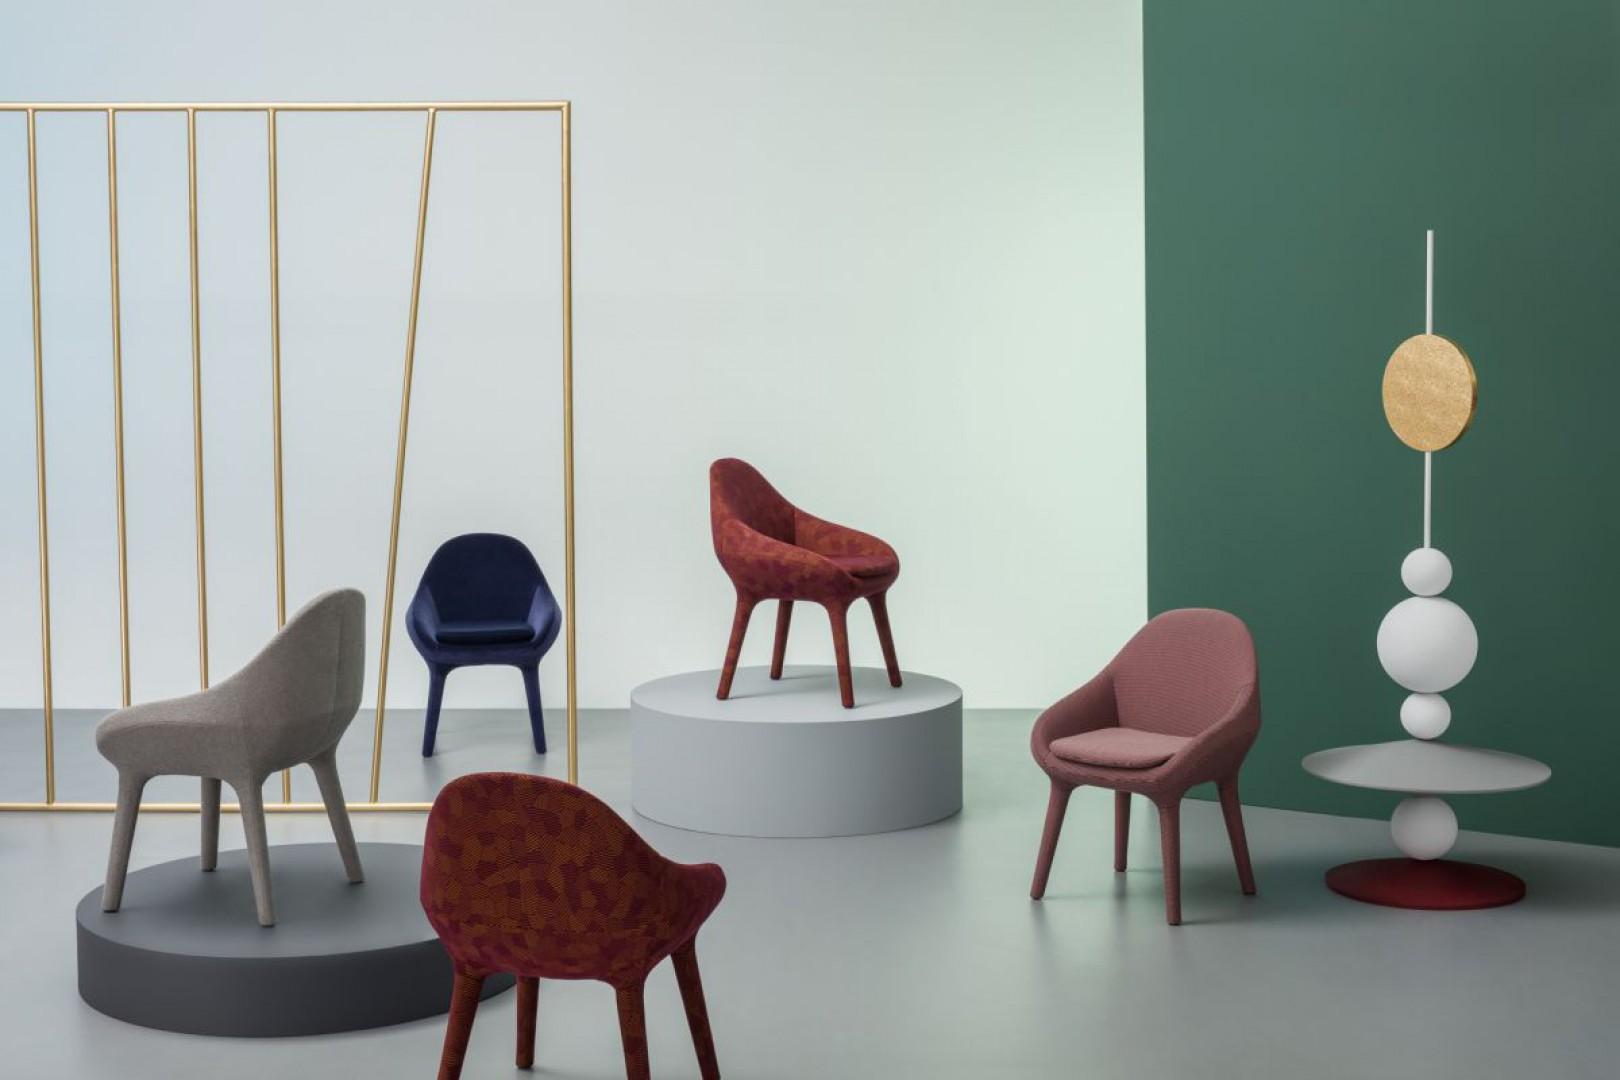 Kolekcja Ripple firmy Comforty. Projekt: Krystian Kowalski. Fot. Comforty/Ernest Winczyk